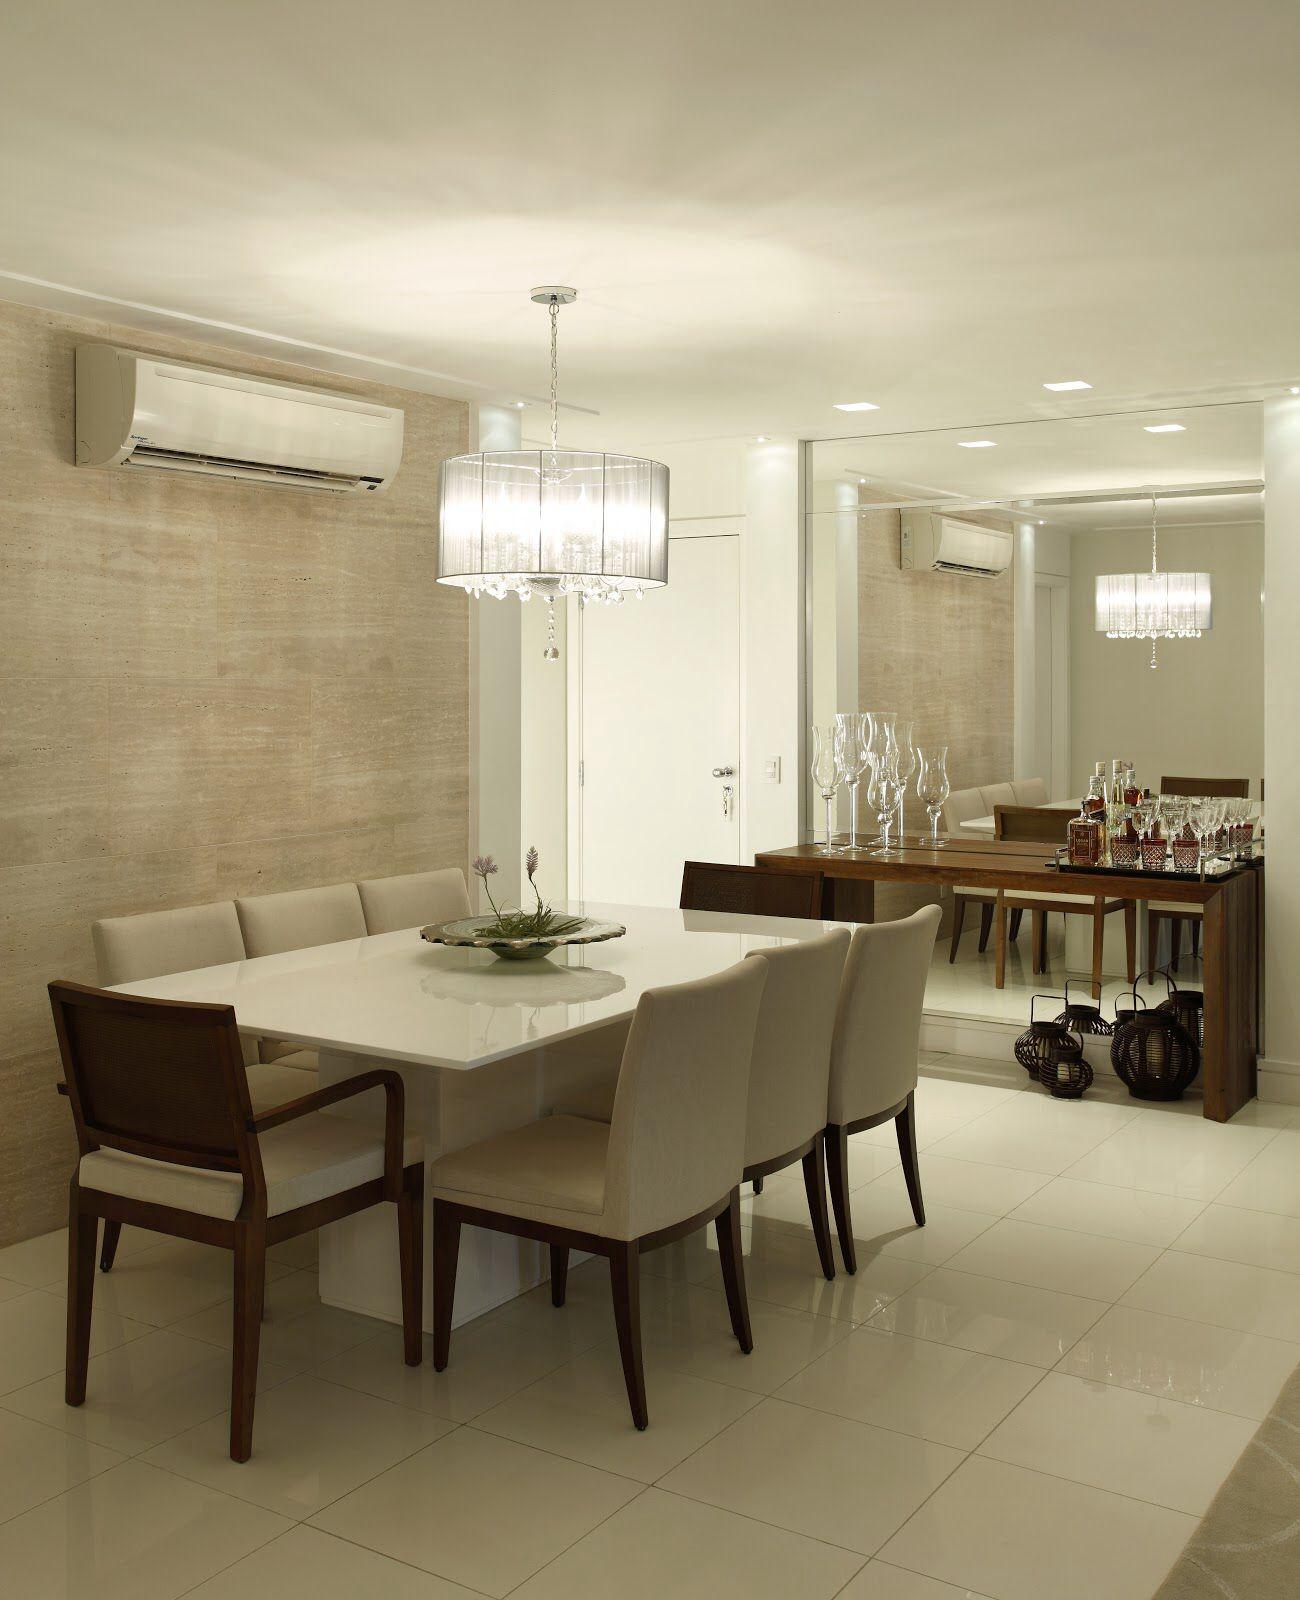 Mirrored Wall Small Spaces Dining Room Sala De Jantar Pequena  -> Cozinha Integrada Com Sala De Jantar Pequena